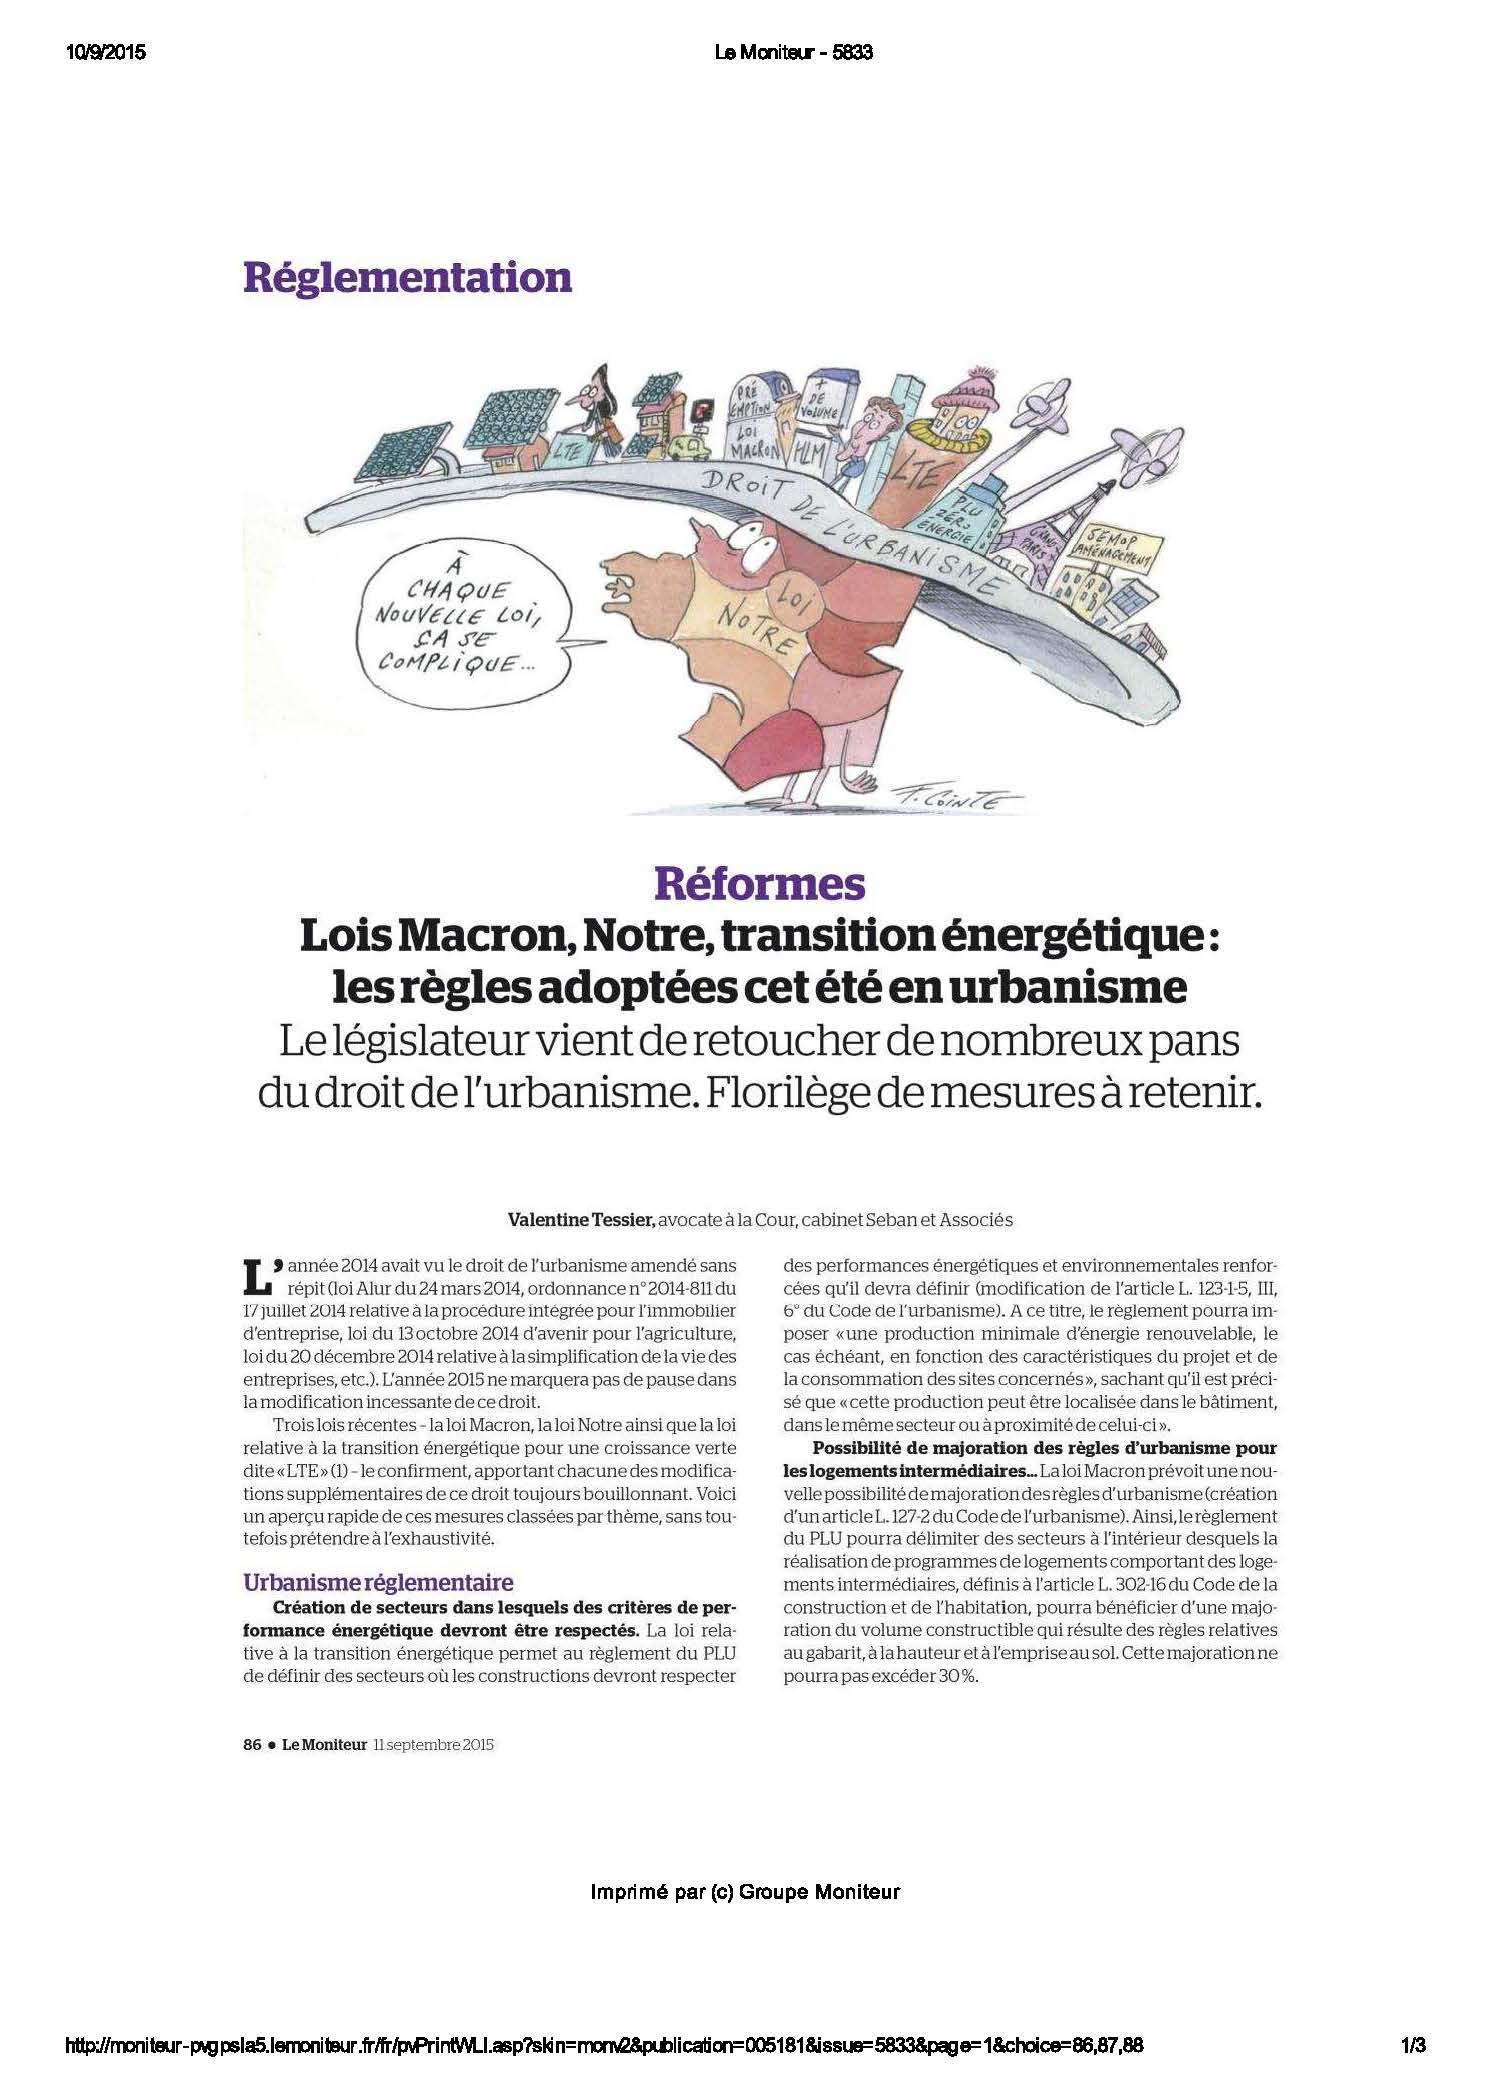 Réformes : Lois Macron, Notre, transition énergétique : les règles adoptées